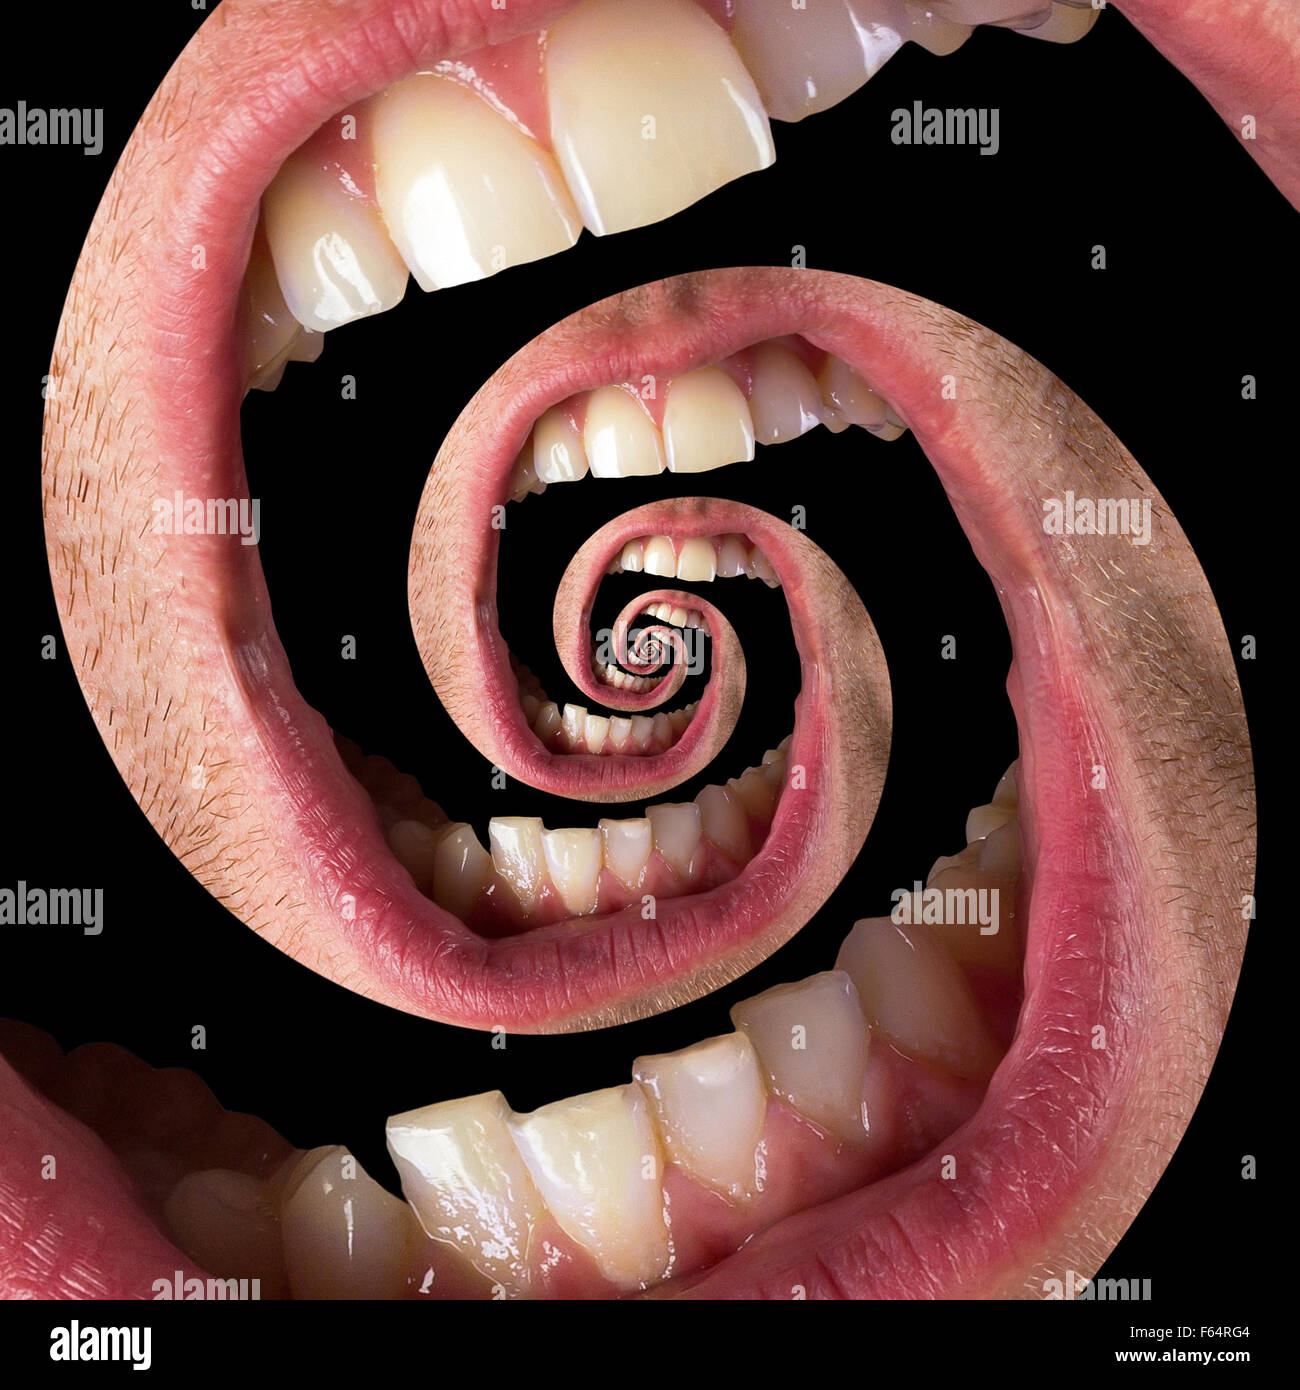 La boca humana trenzado aislado en negro. Concepto de dolor Imagen De Stock